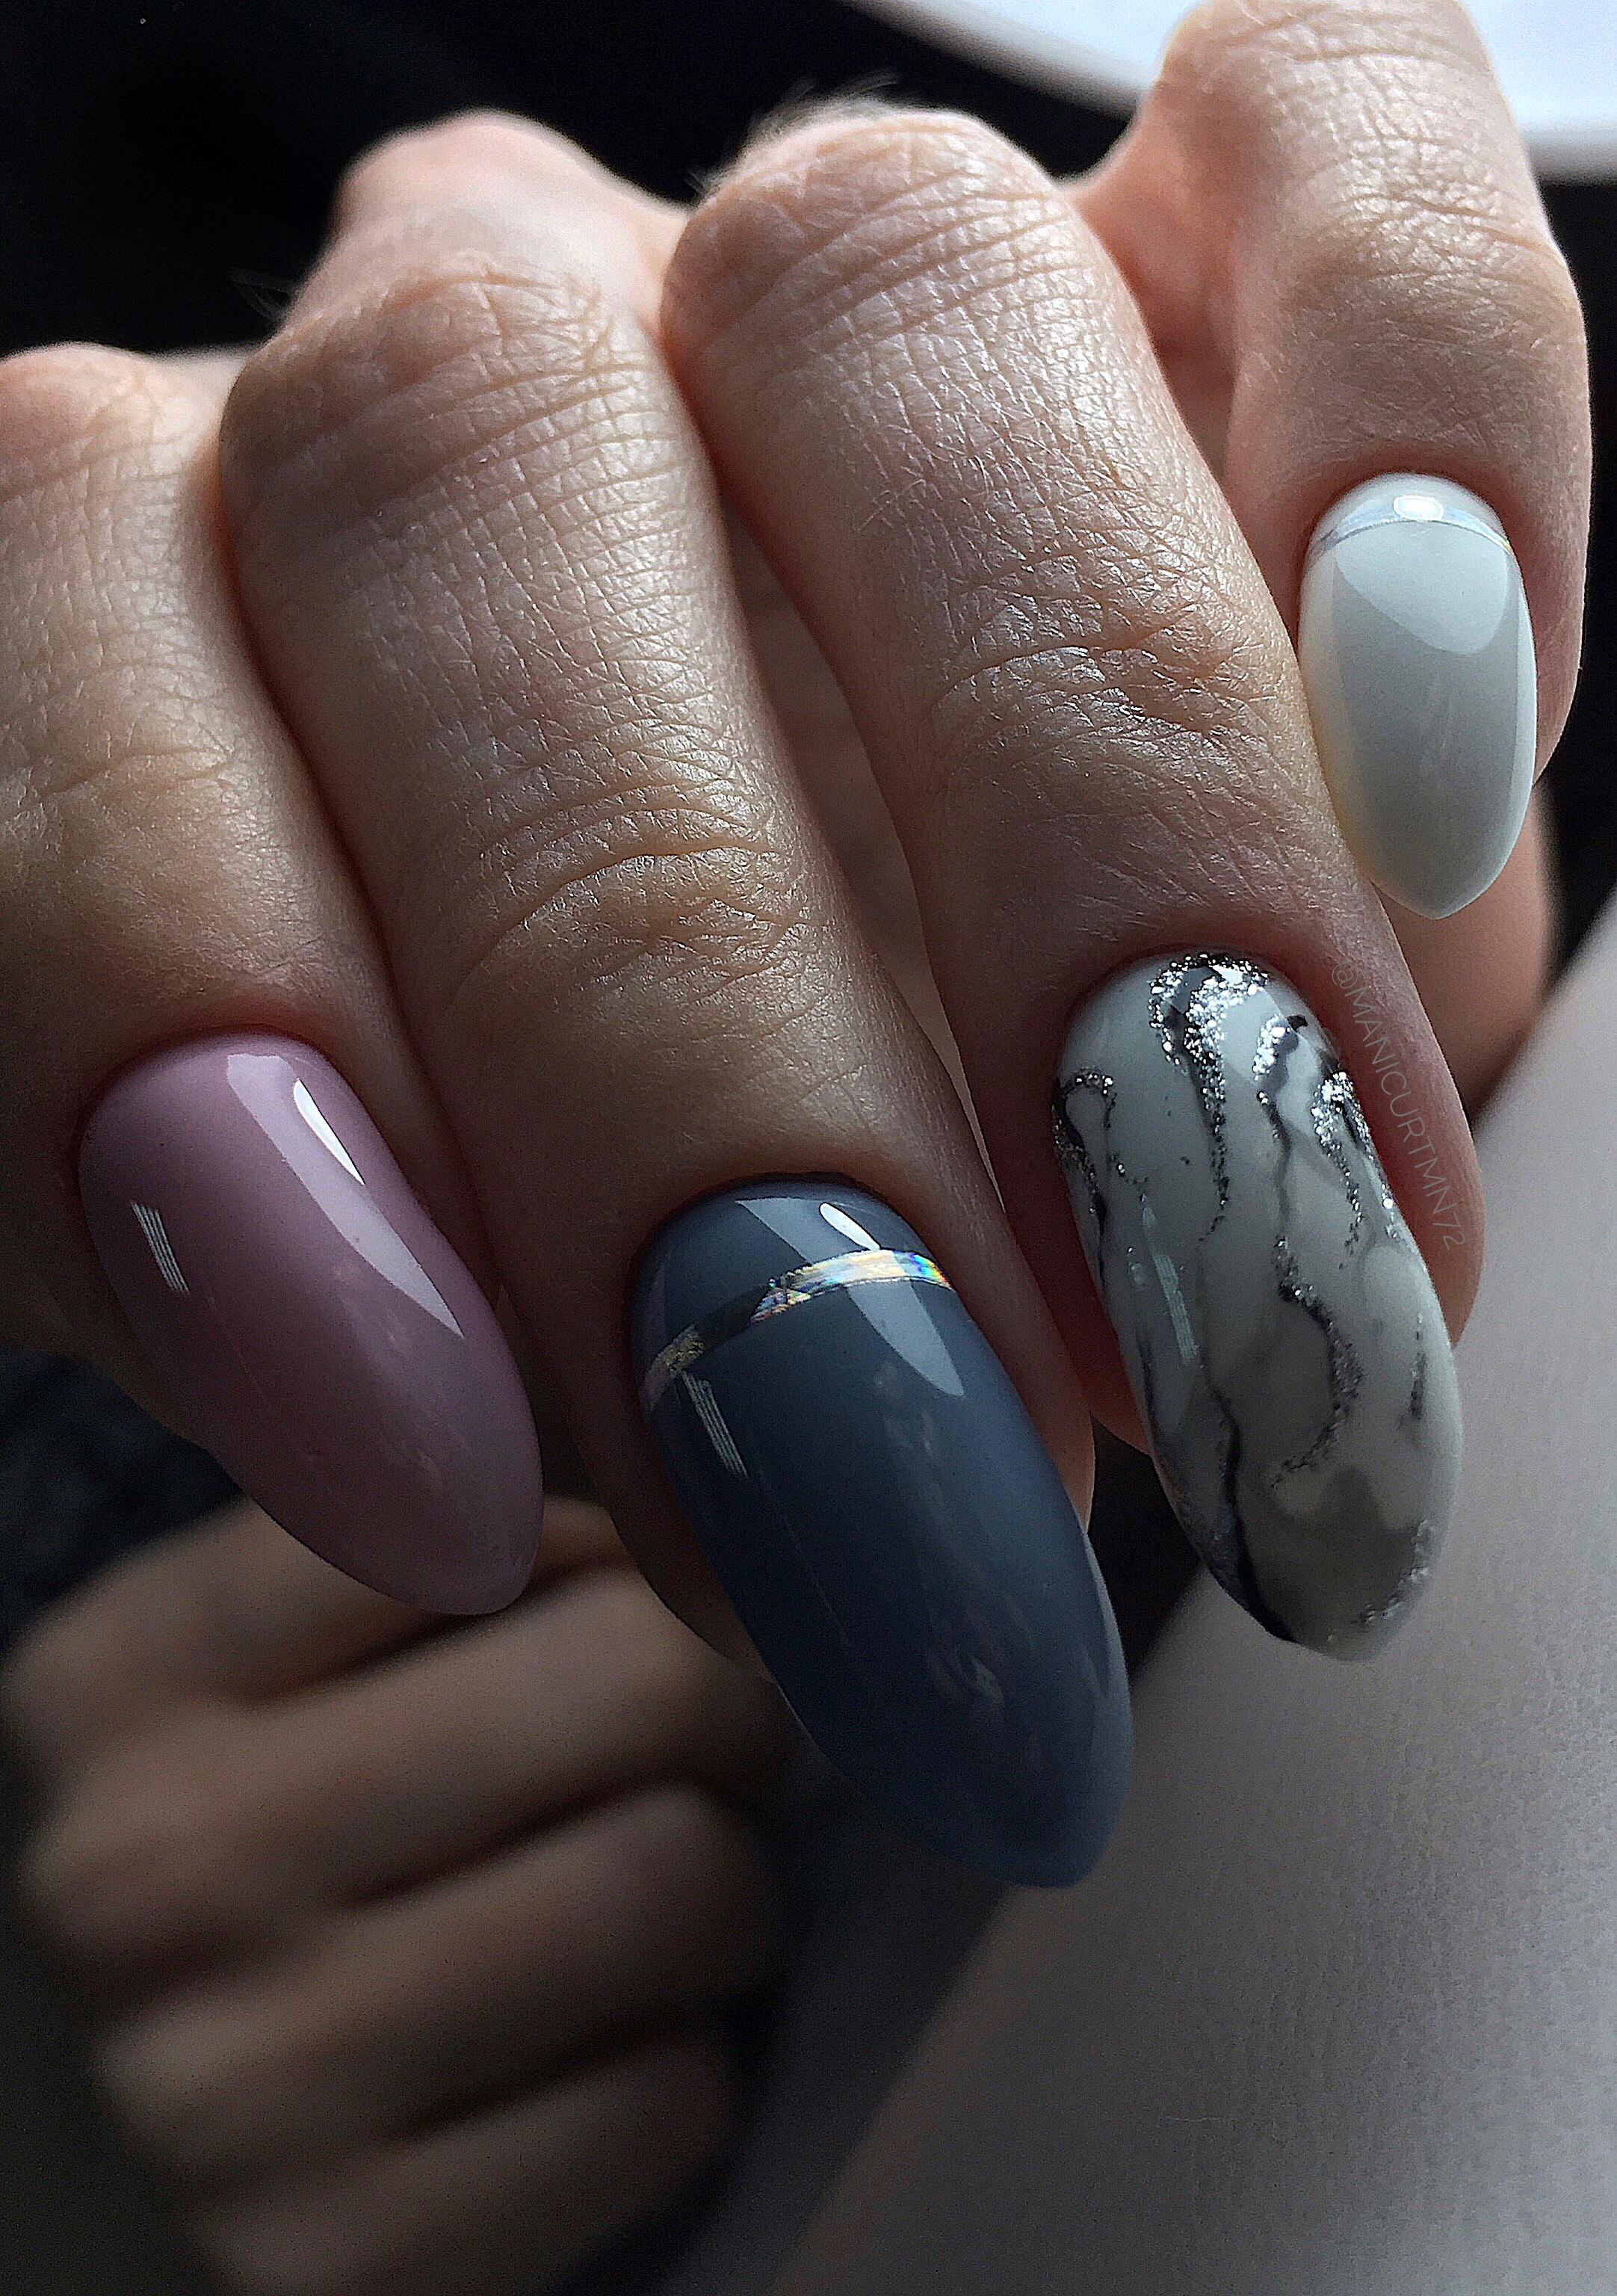 Маникюр с мраморным дизайном и серебряными полосками в пастельных тонах на длинные ногти.